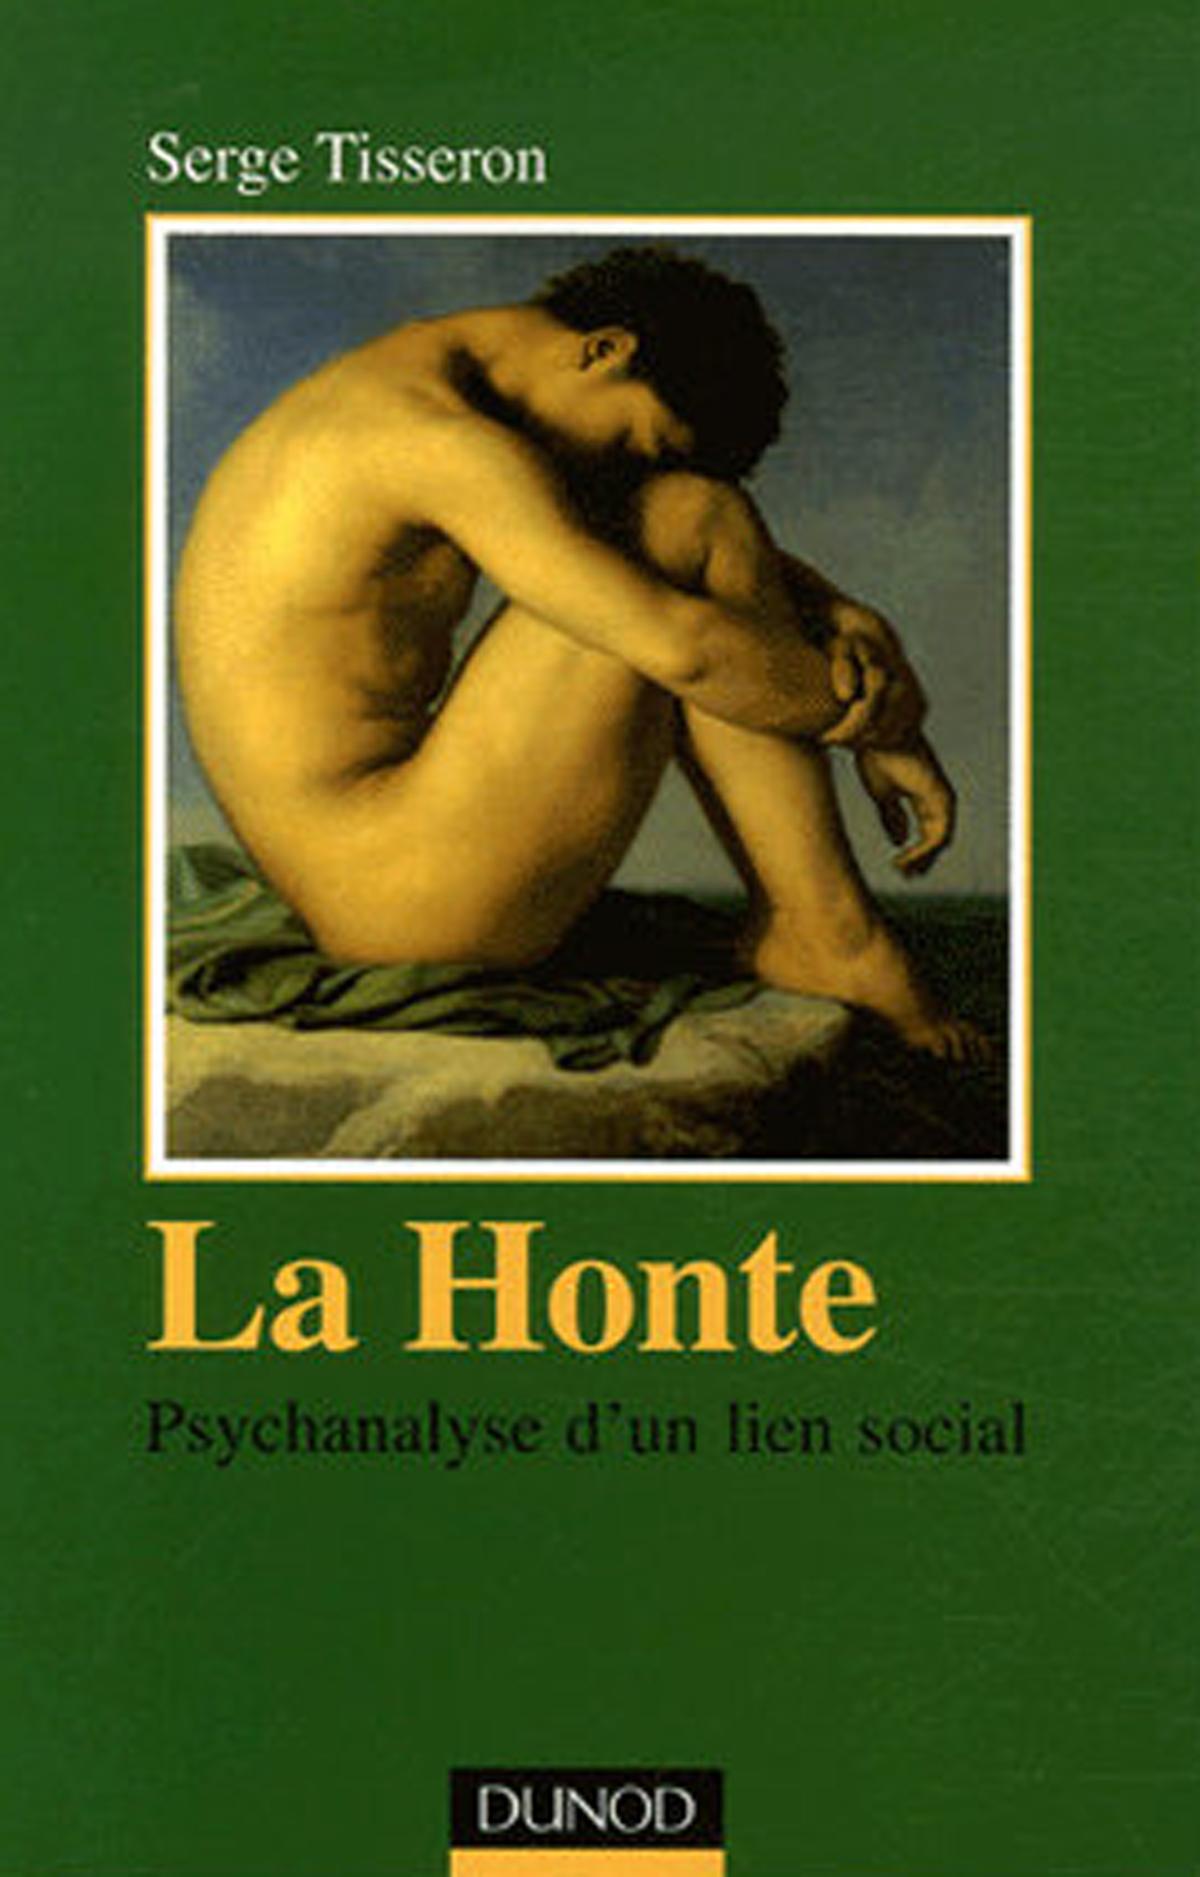 La honte, psychanalyse d'un lien social